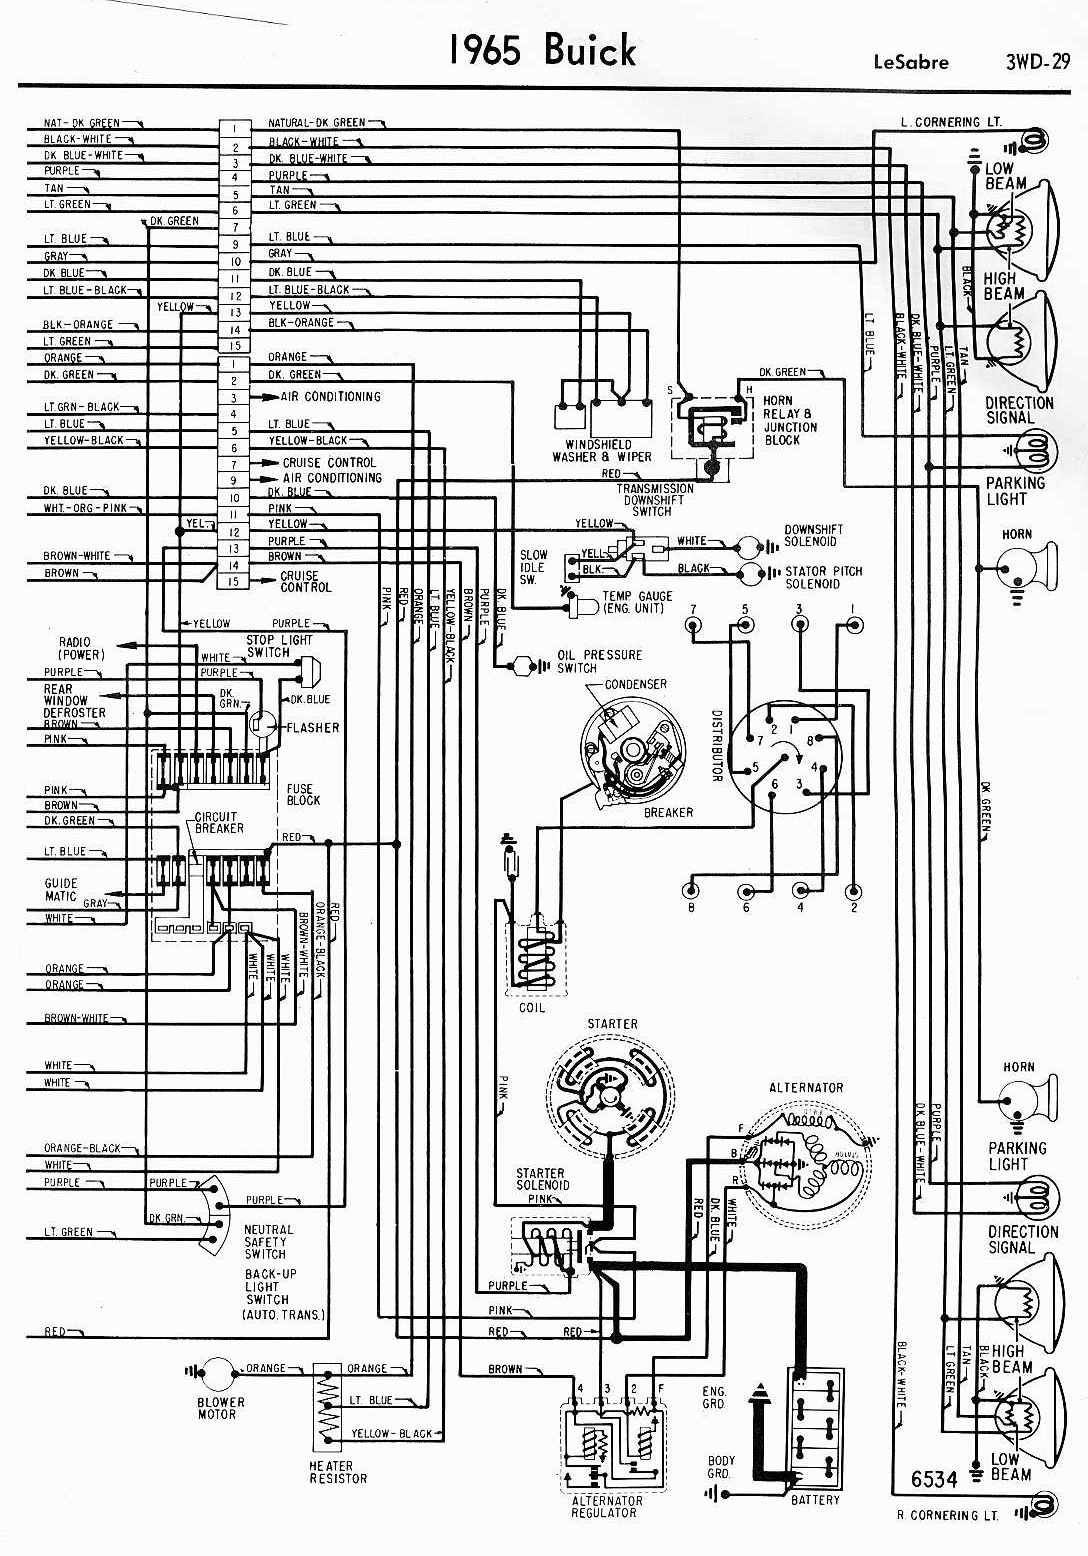 1965 chrysler wiring diagram engine [ 1088 x 1556 Pixel ]